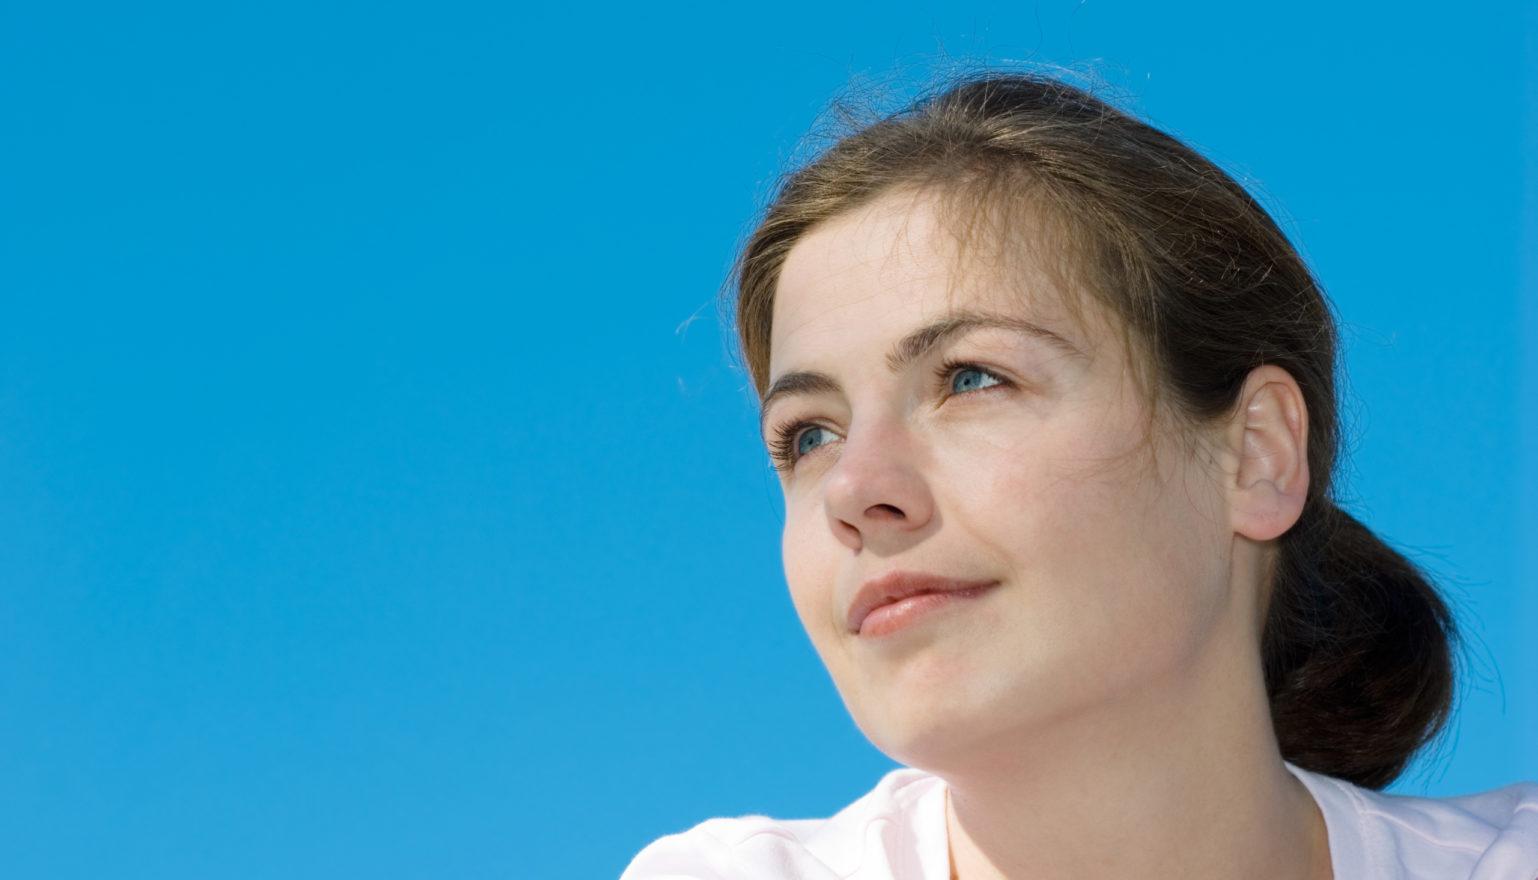 Kuidas muuta inimese käitumisharjumusi